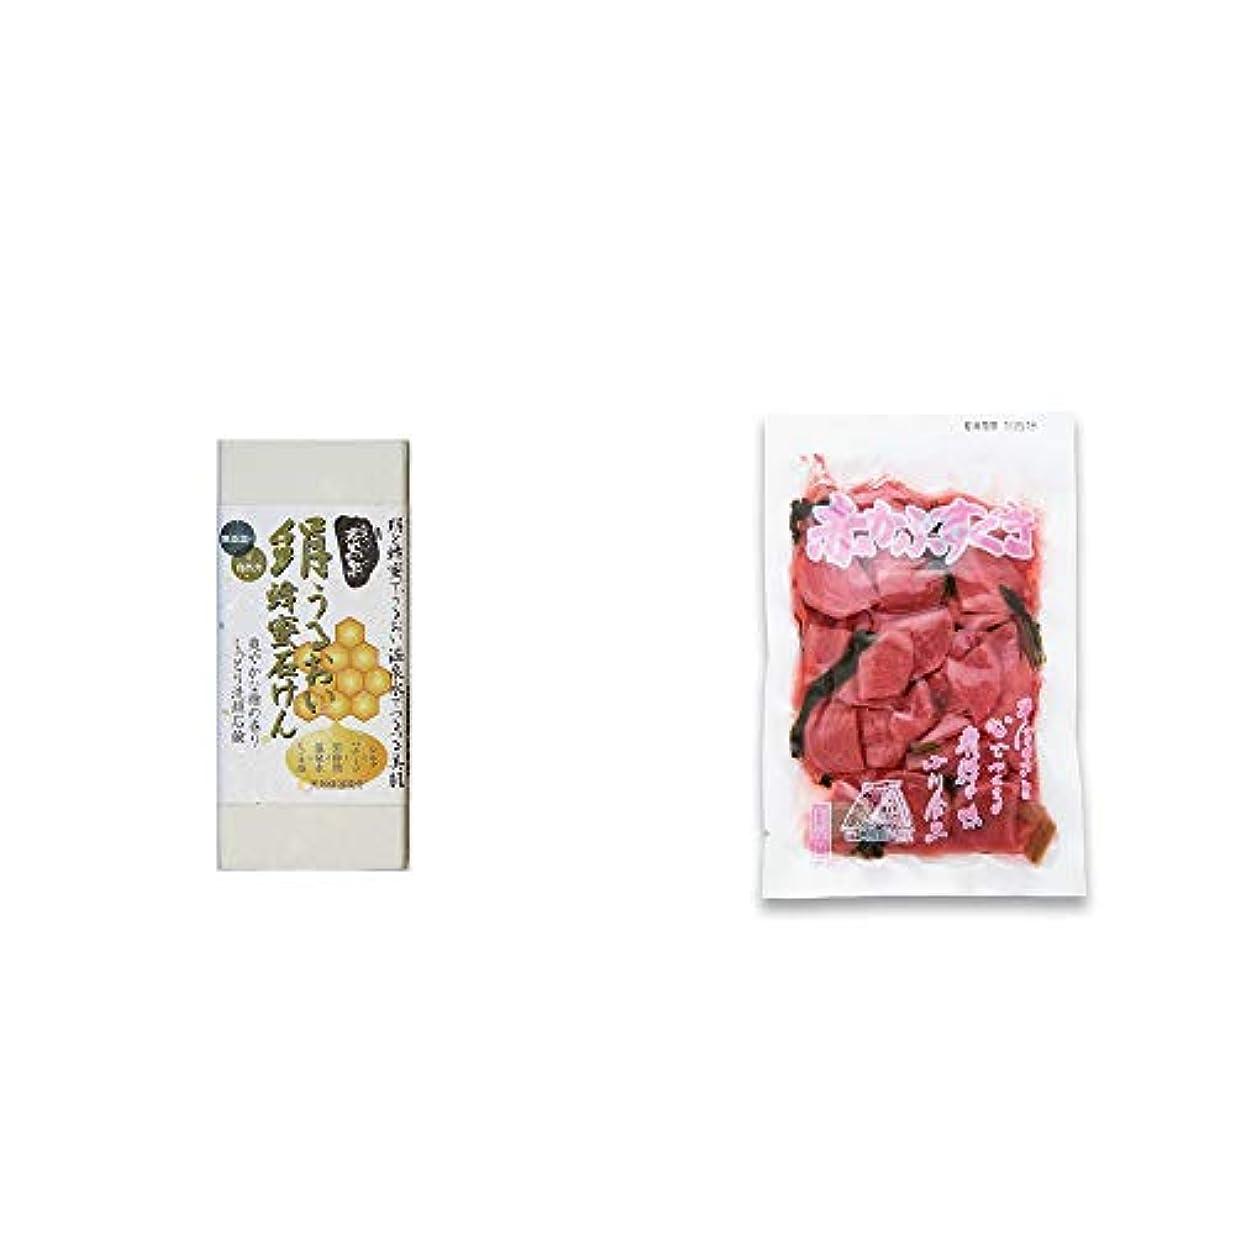 病な誘惑作曲家[2点セット] ひのき炭黒泉 絹うるおい蜂蜜石けん(75g×2)?赤かぶすぐき(160g)